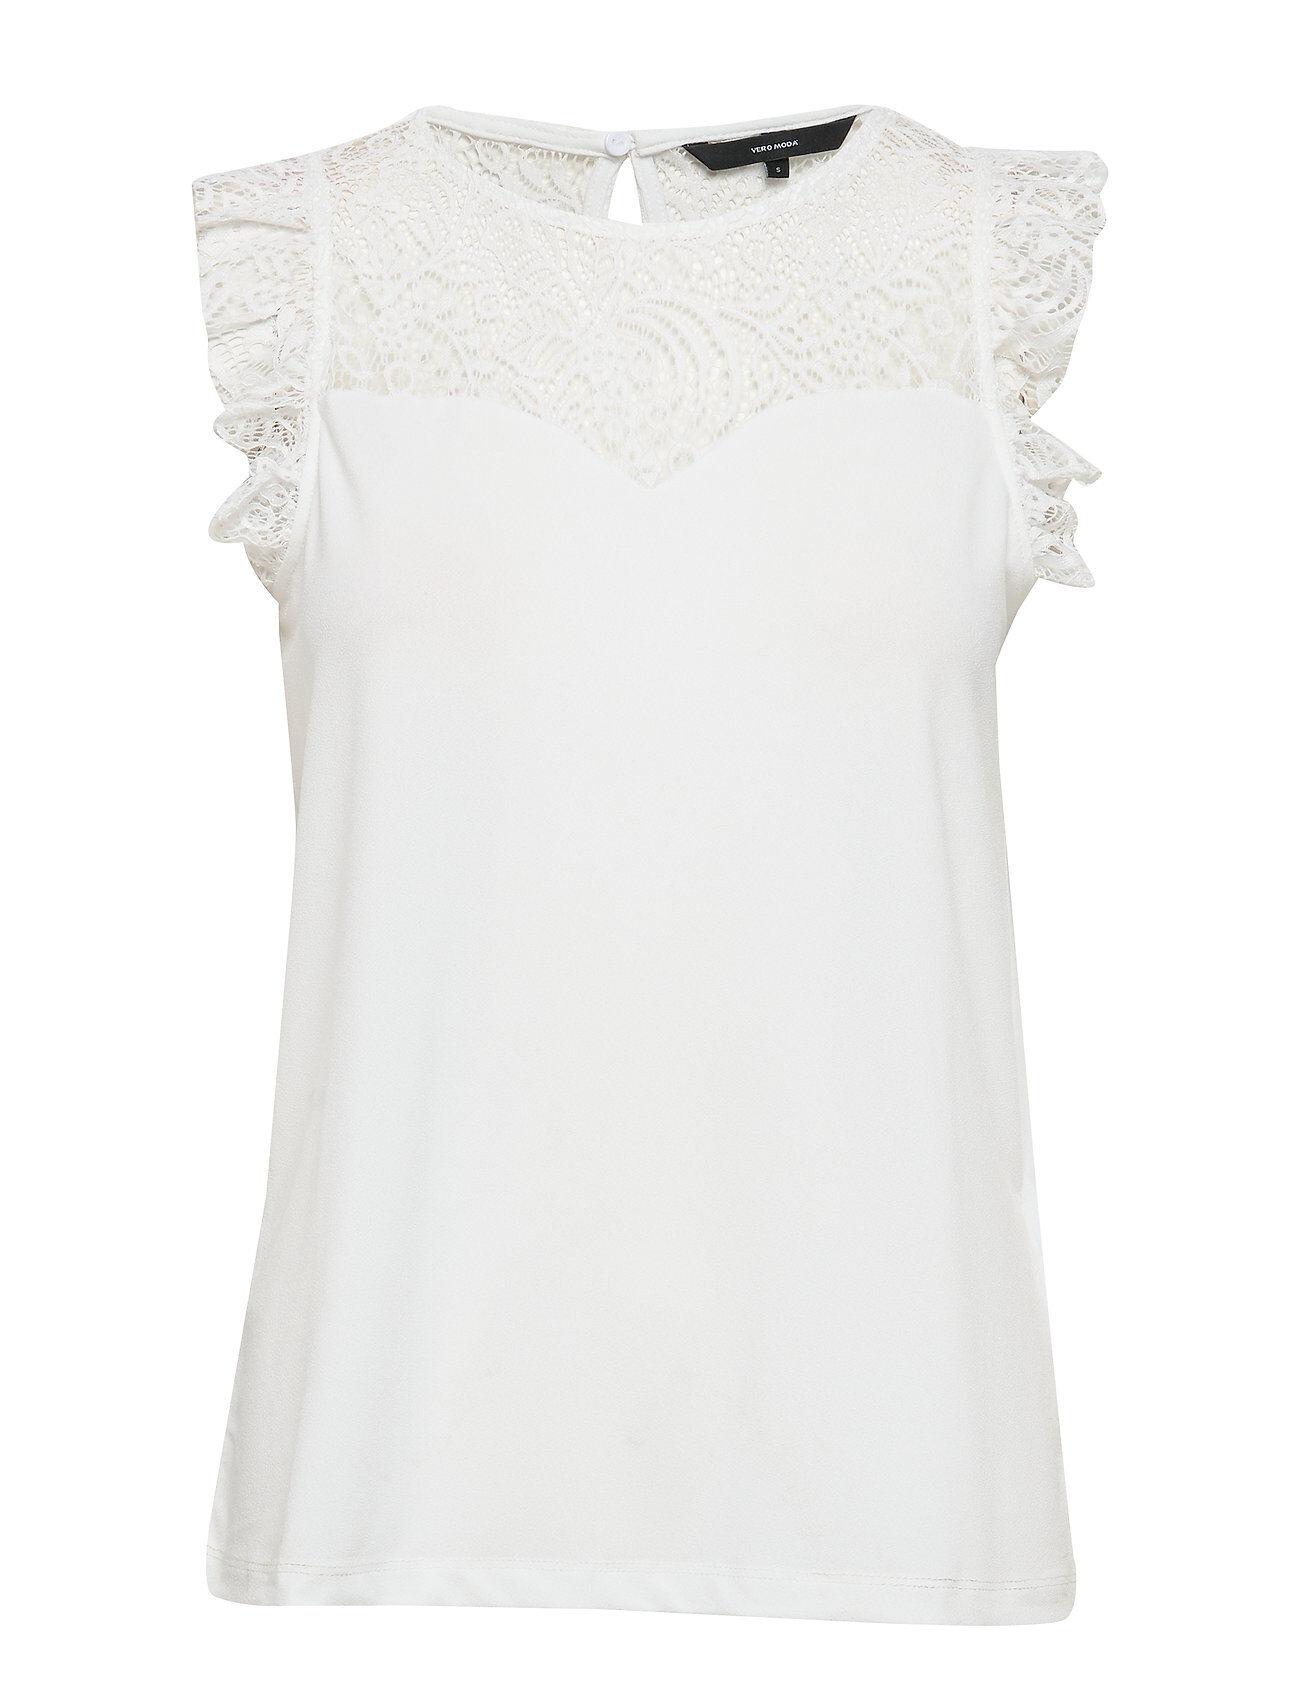 Vero Moda Vmalberta Sweetheart Lace S/L Top Noos T-shirts & Tops Sleeveless Valkoinen Vero Moda